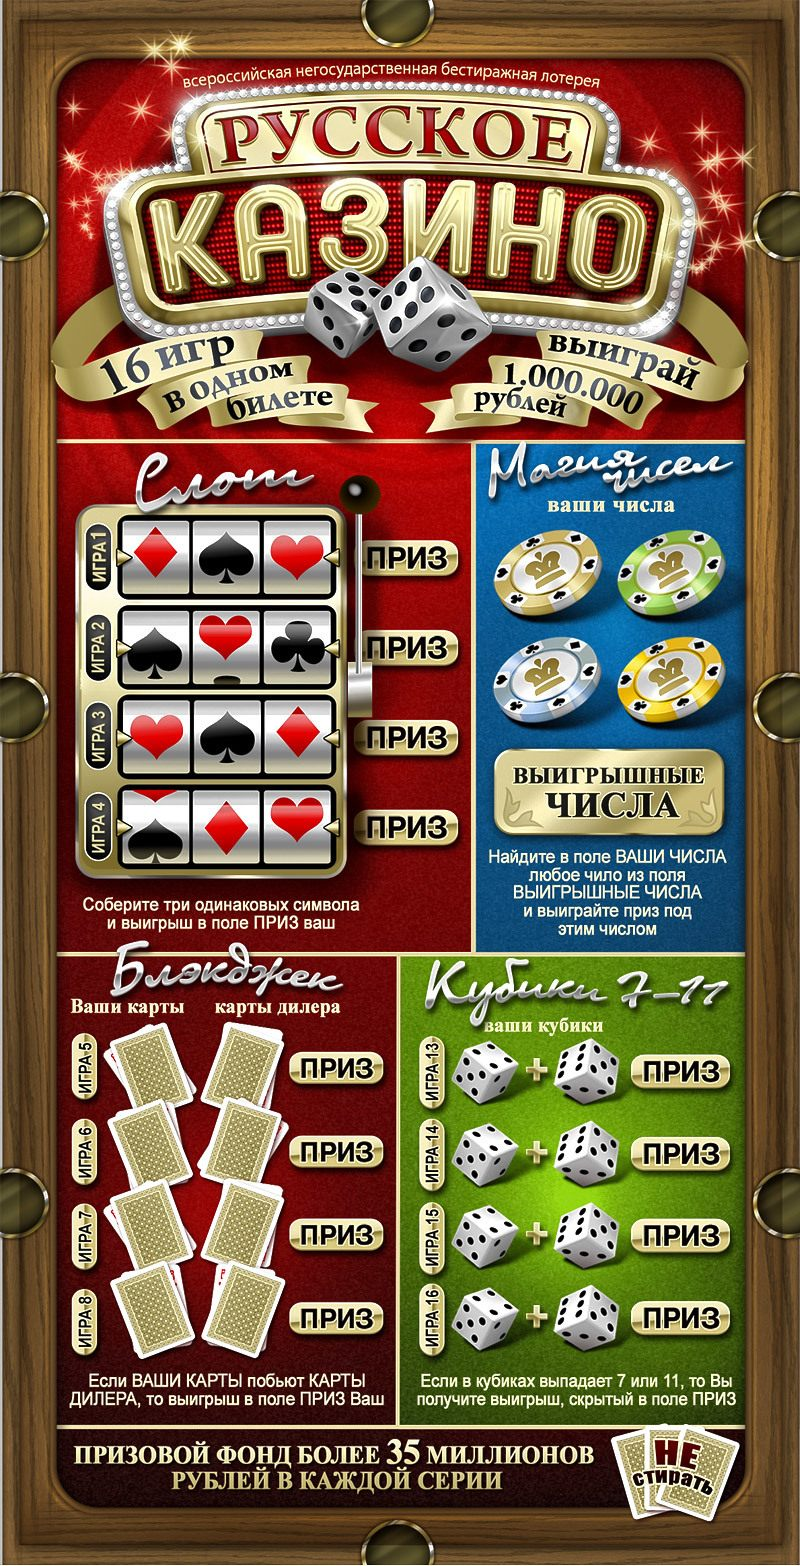 kakie-kartochnie-igri-v-kazino